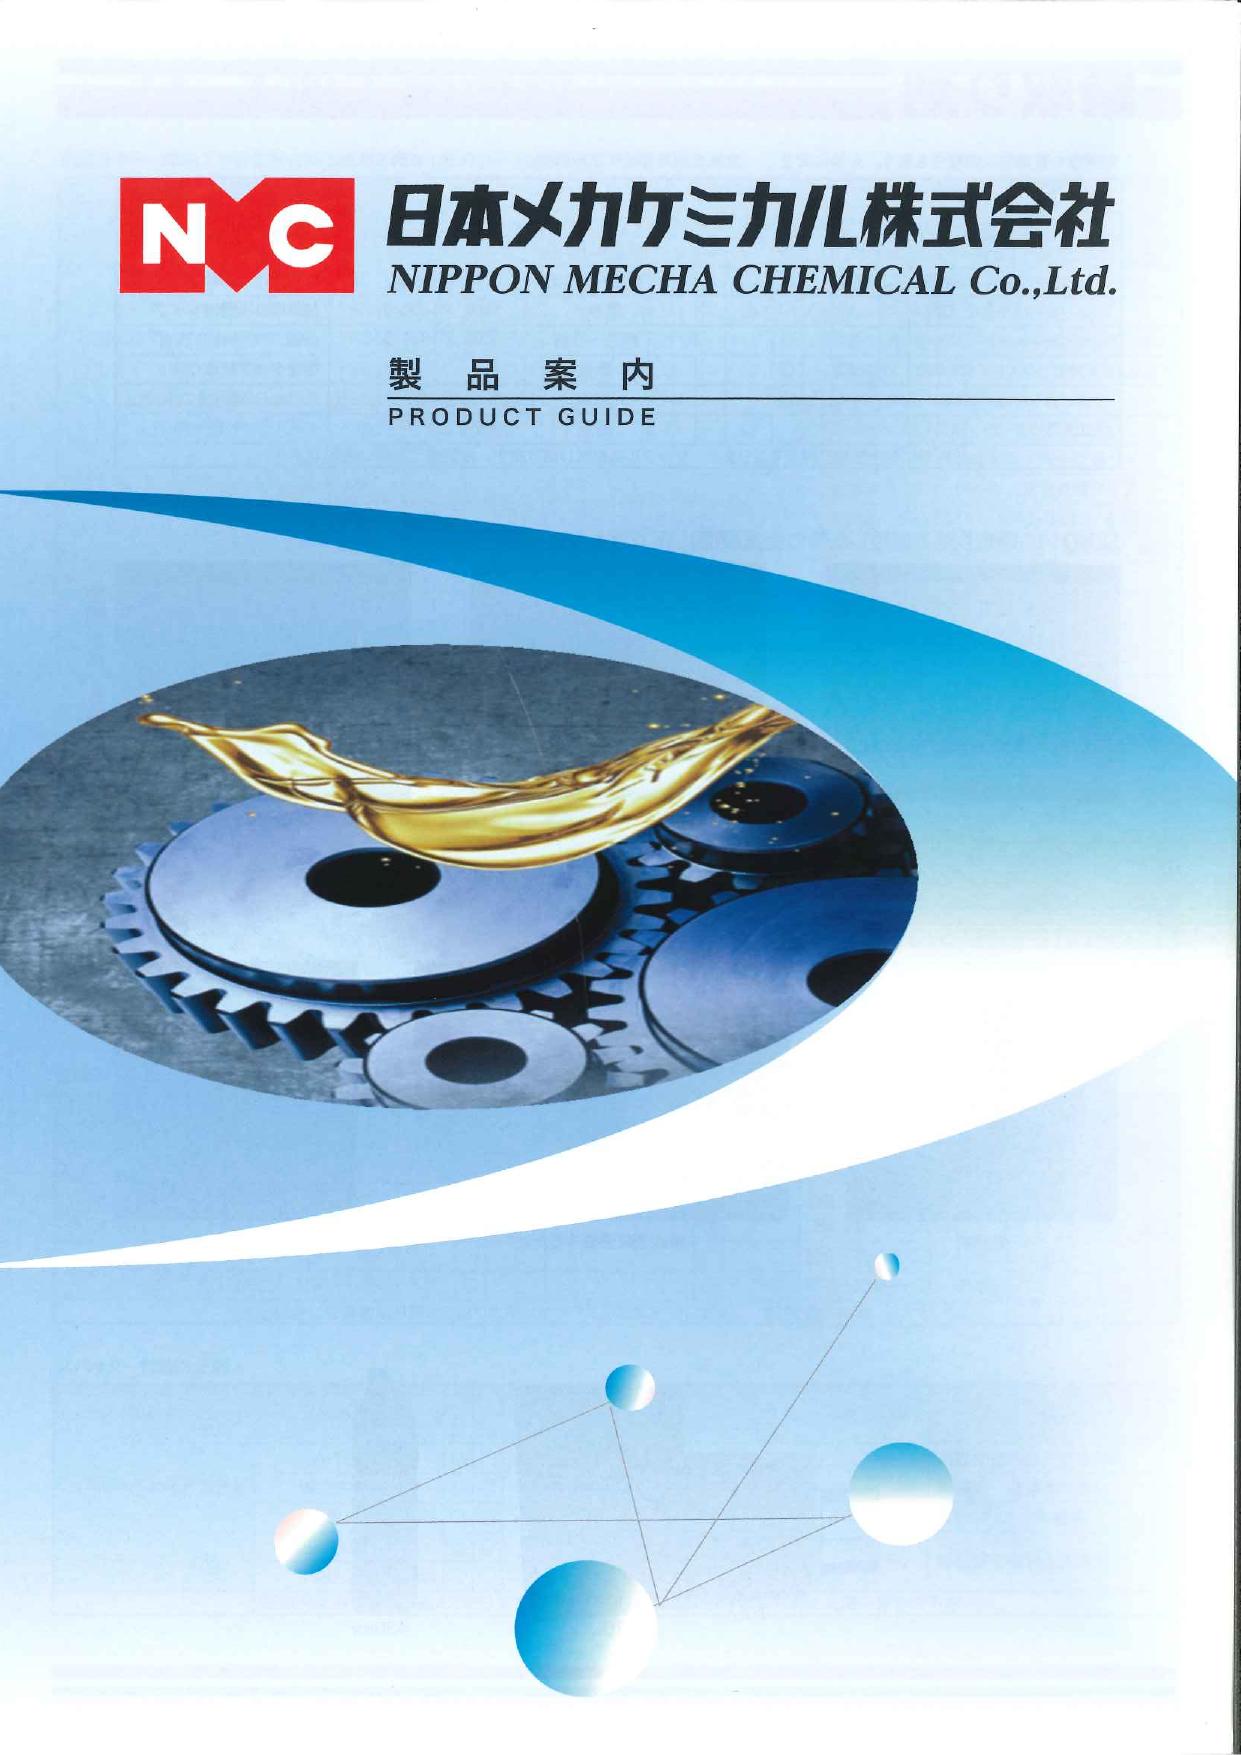 錆取り剤+プレス加工潤滑油+防錆剤 日本メカケミカル総合カタログ